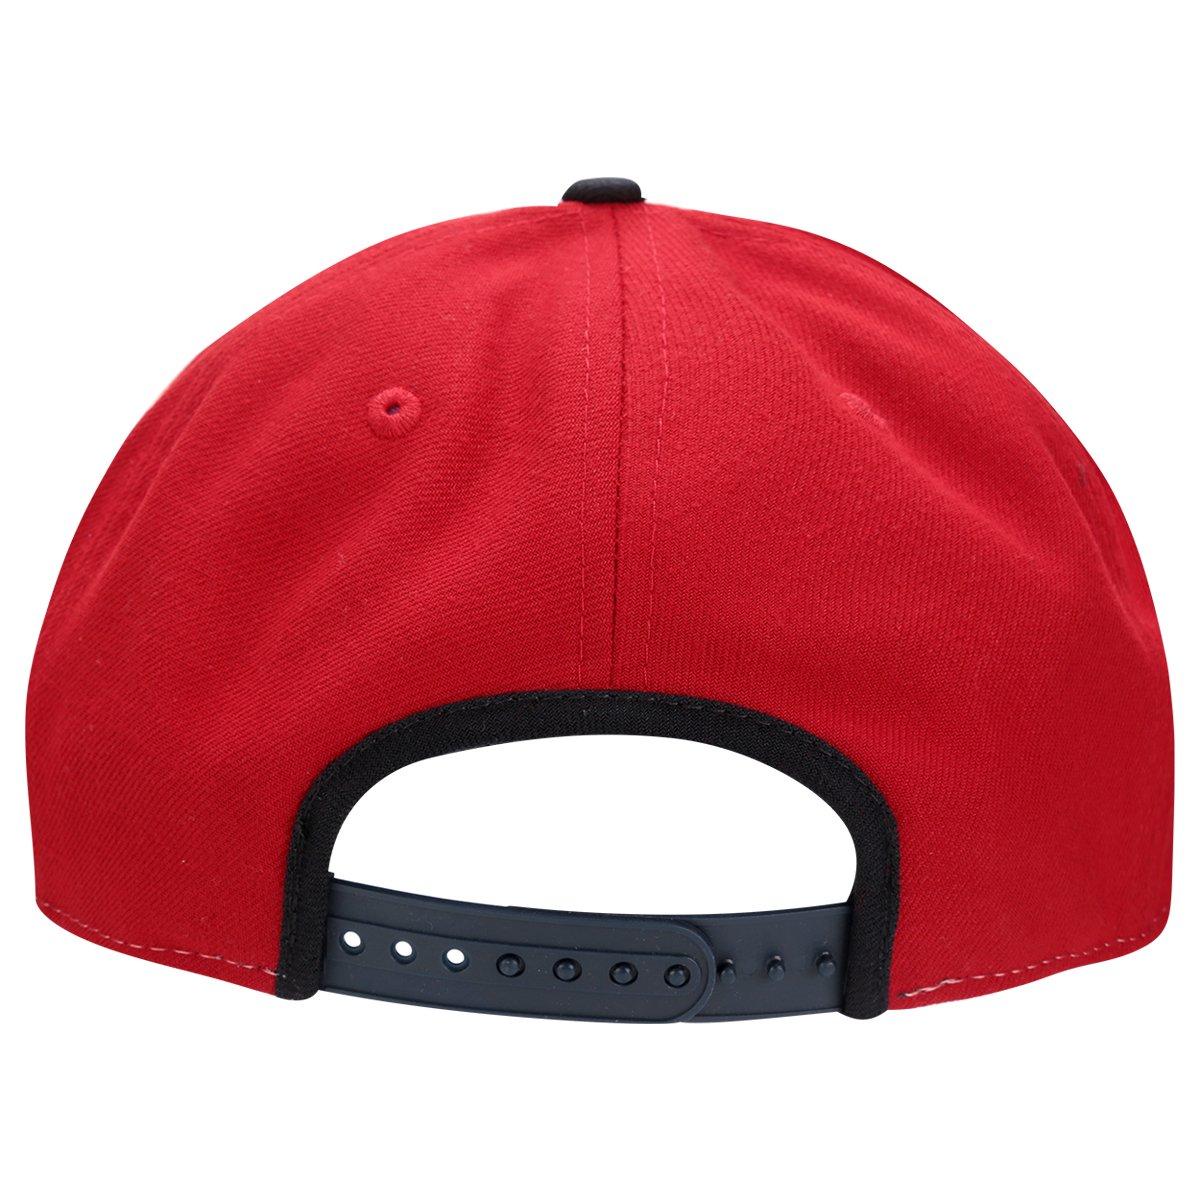 Boné New Era 950 MLB The Rotator Boston Red Sox - Compre Agora ... 16316a4099d